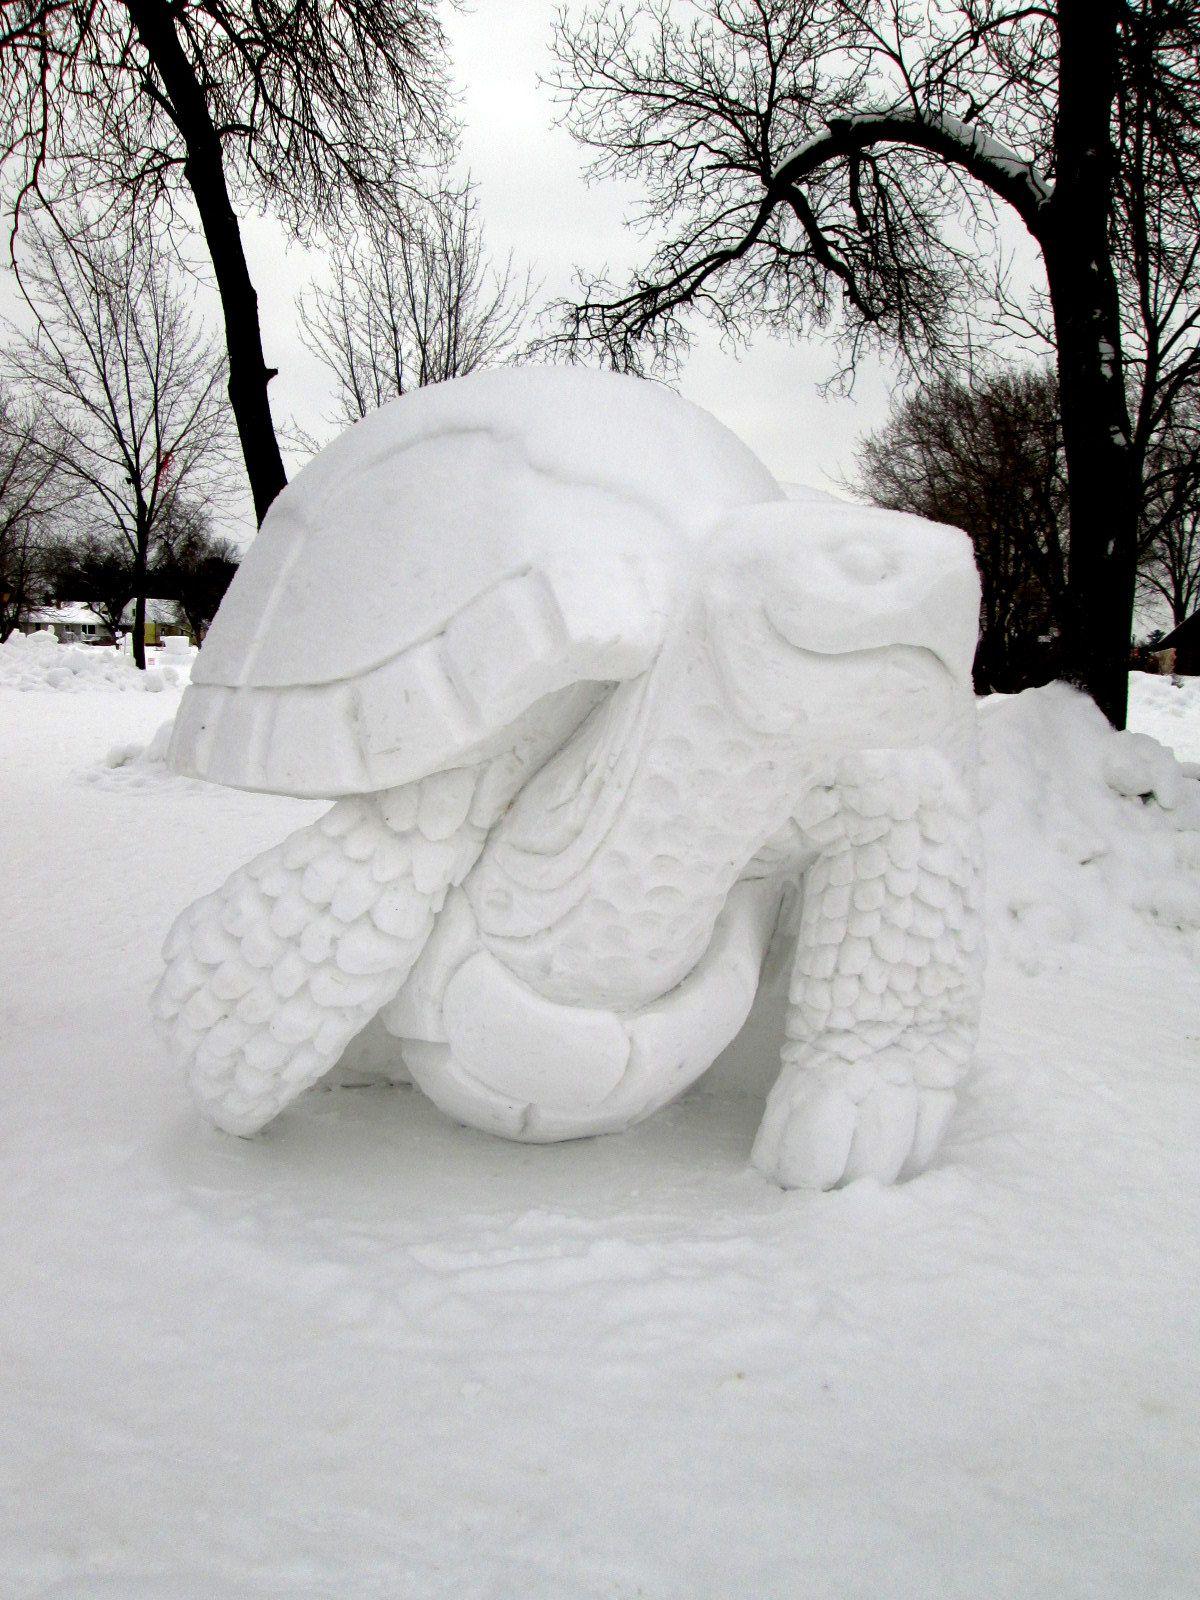 Утро доброе картинки снег с анимацией татьяна, чень